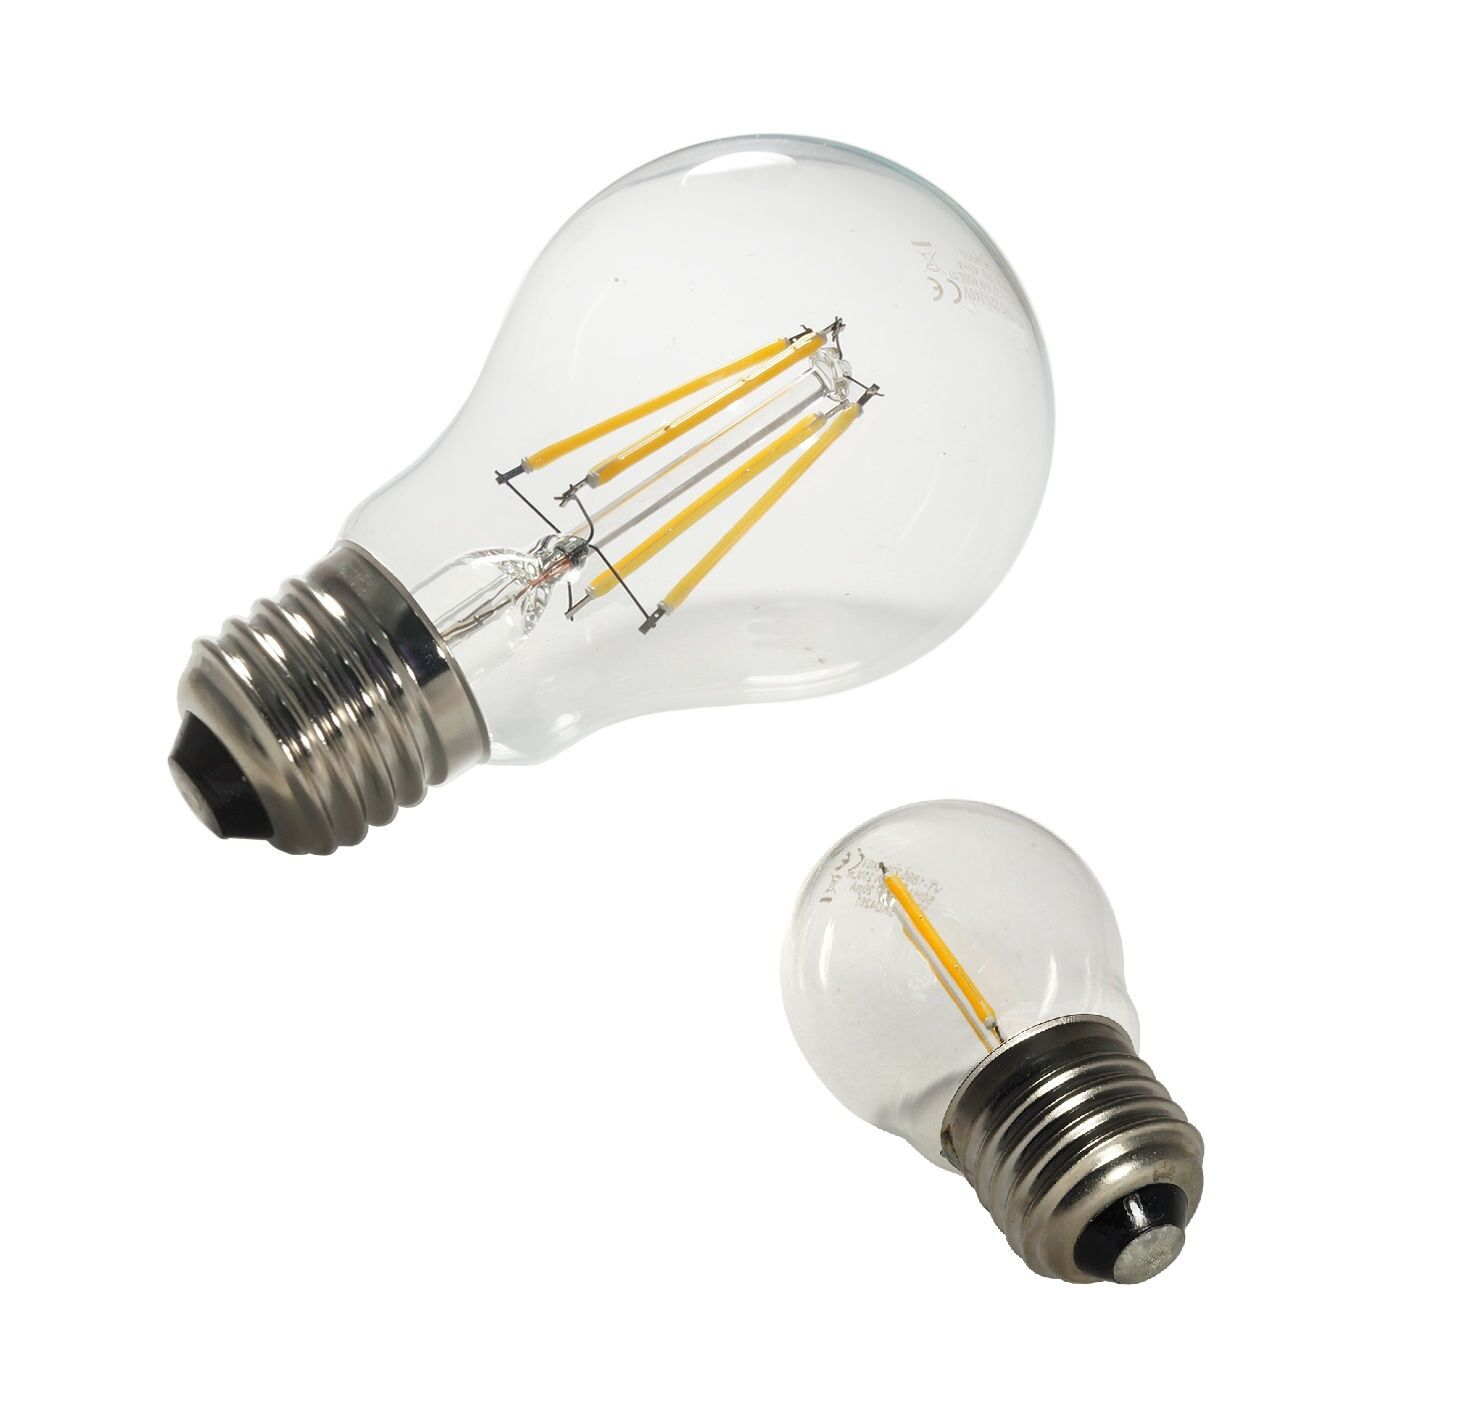 LAMPADA OLIVA 60 LED SMD E27 LUCE FREDDA 12W LAMPADINA BIANCA BASSO CONSUMO